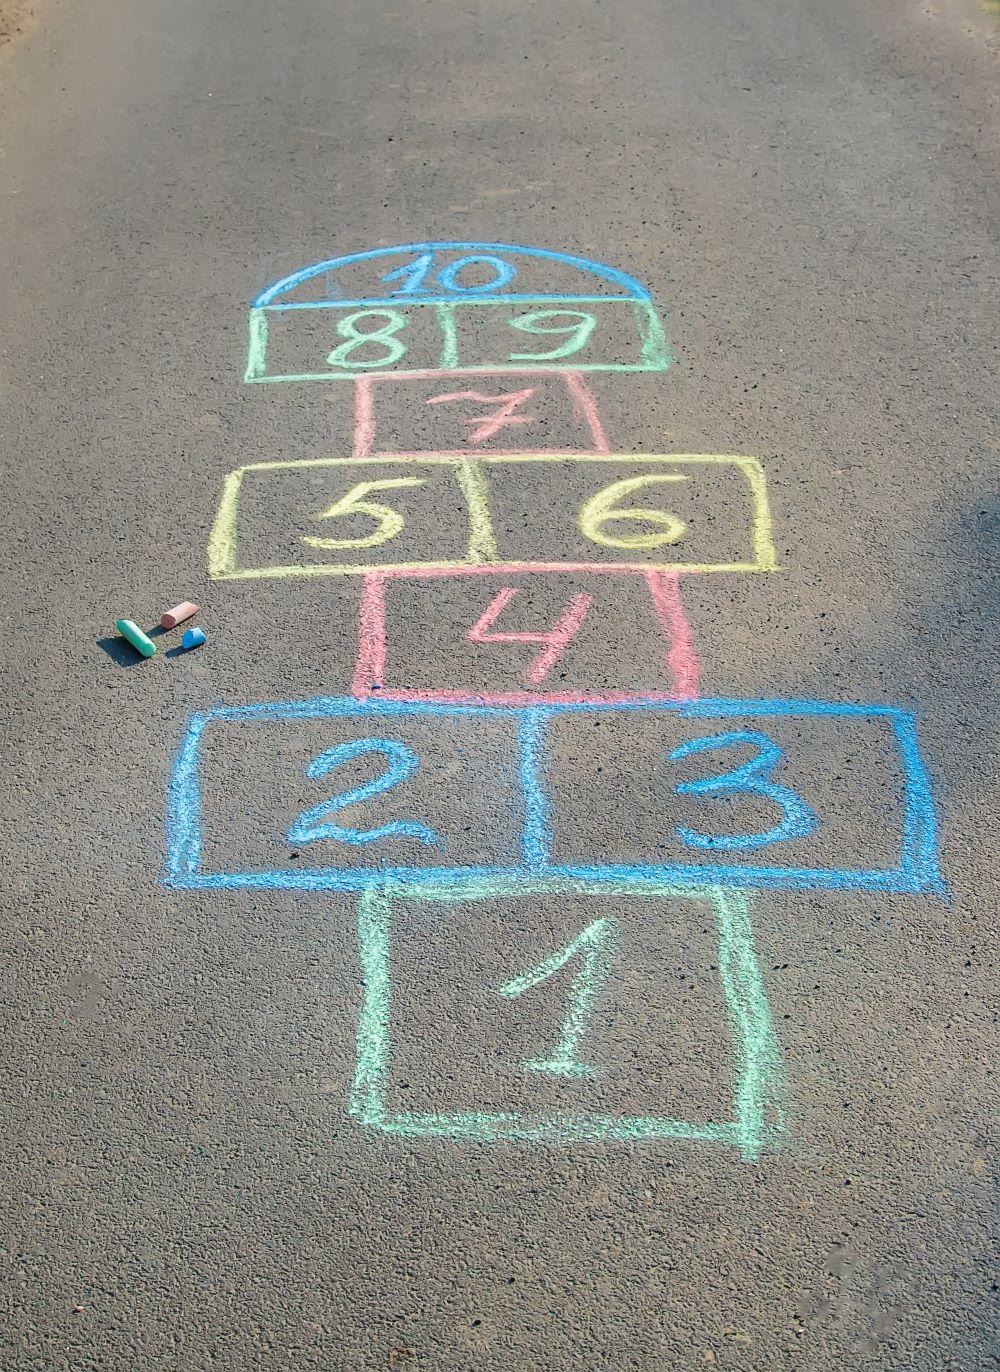 a hopscotch grid written in chalk